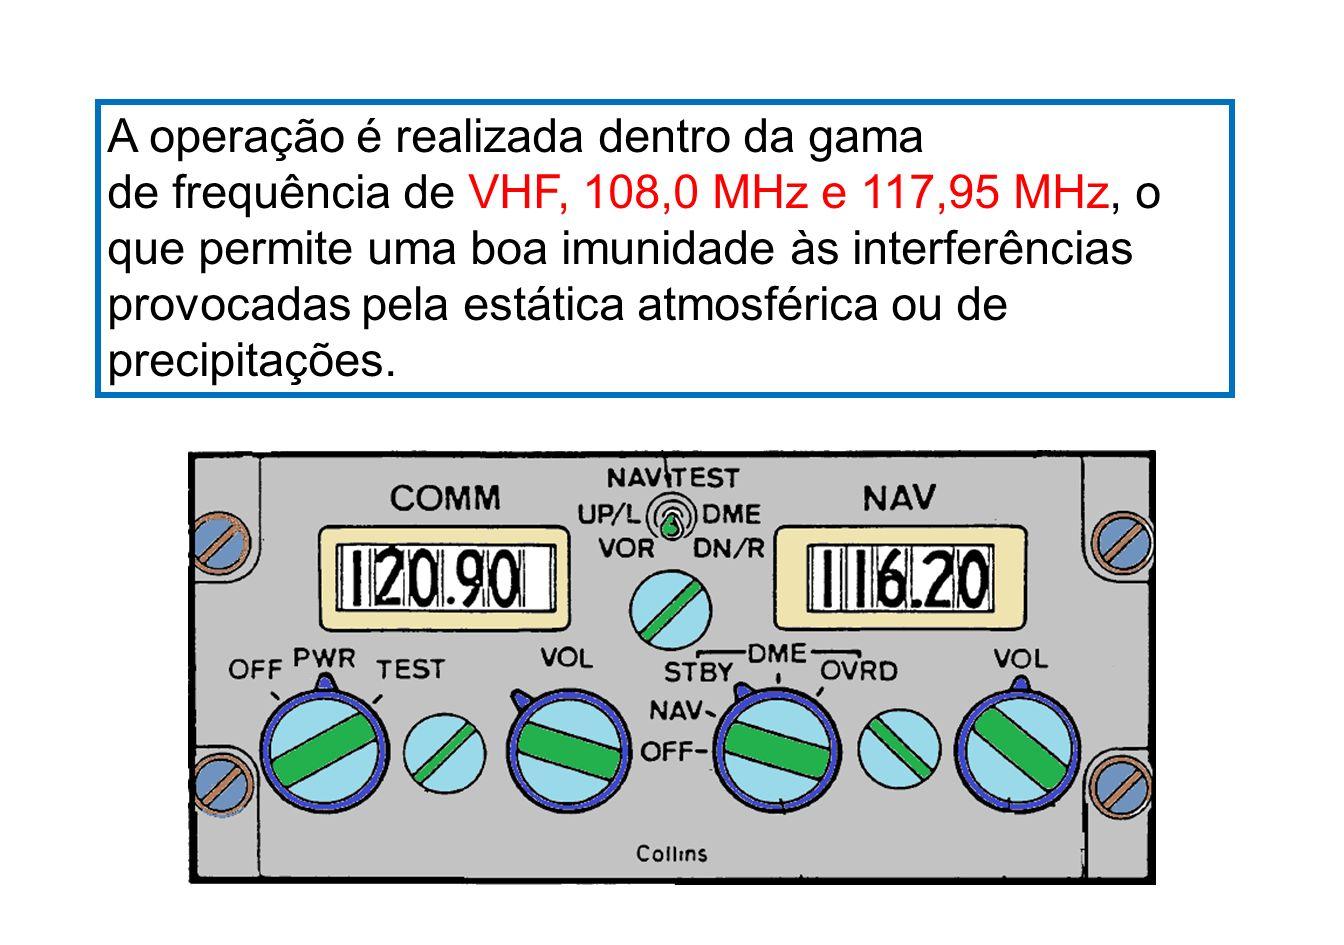 A operação é realizada dentro da gama de frequência de VHF, 108,0 MHz e 117,95 MHz, o que permite uma boa imunidade às interferências provocadas pela